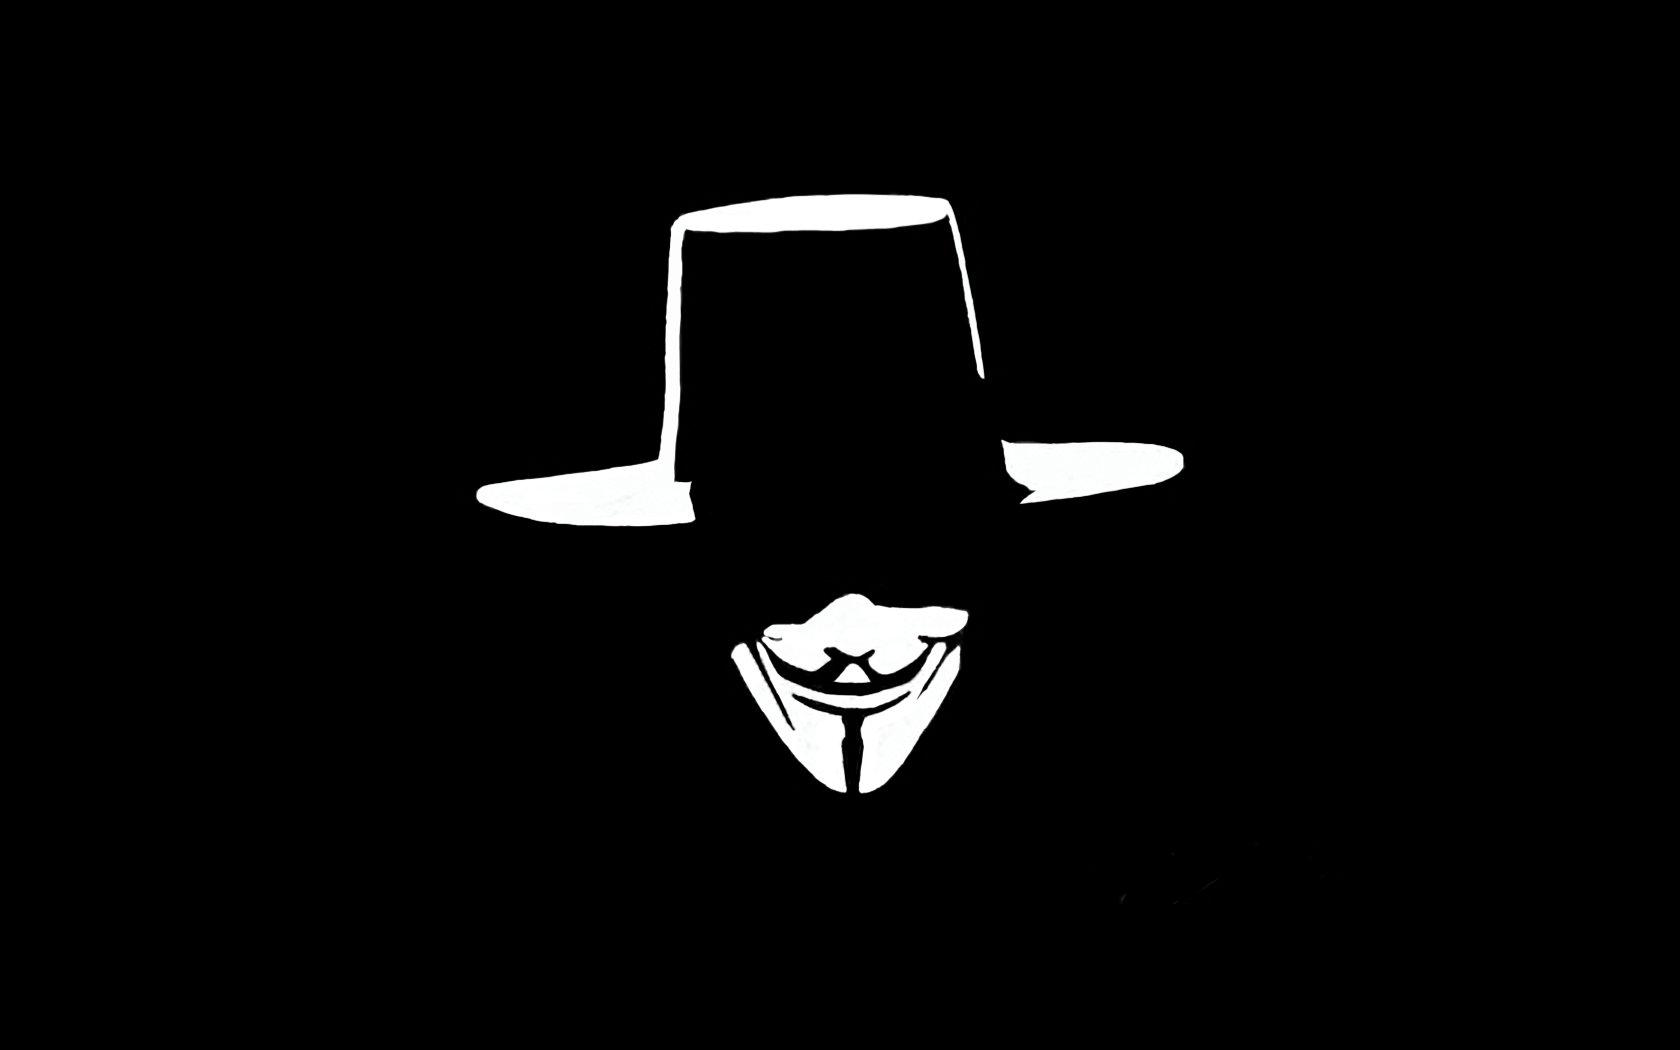 Free Download De Pantalla De V De Vendetta Fondos De Pantalla De V